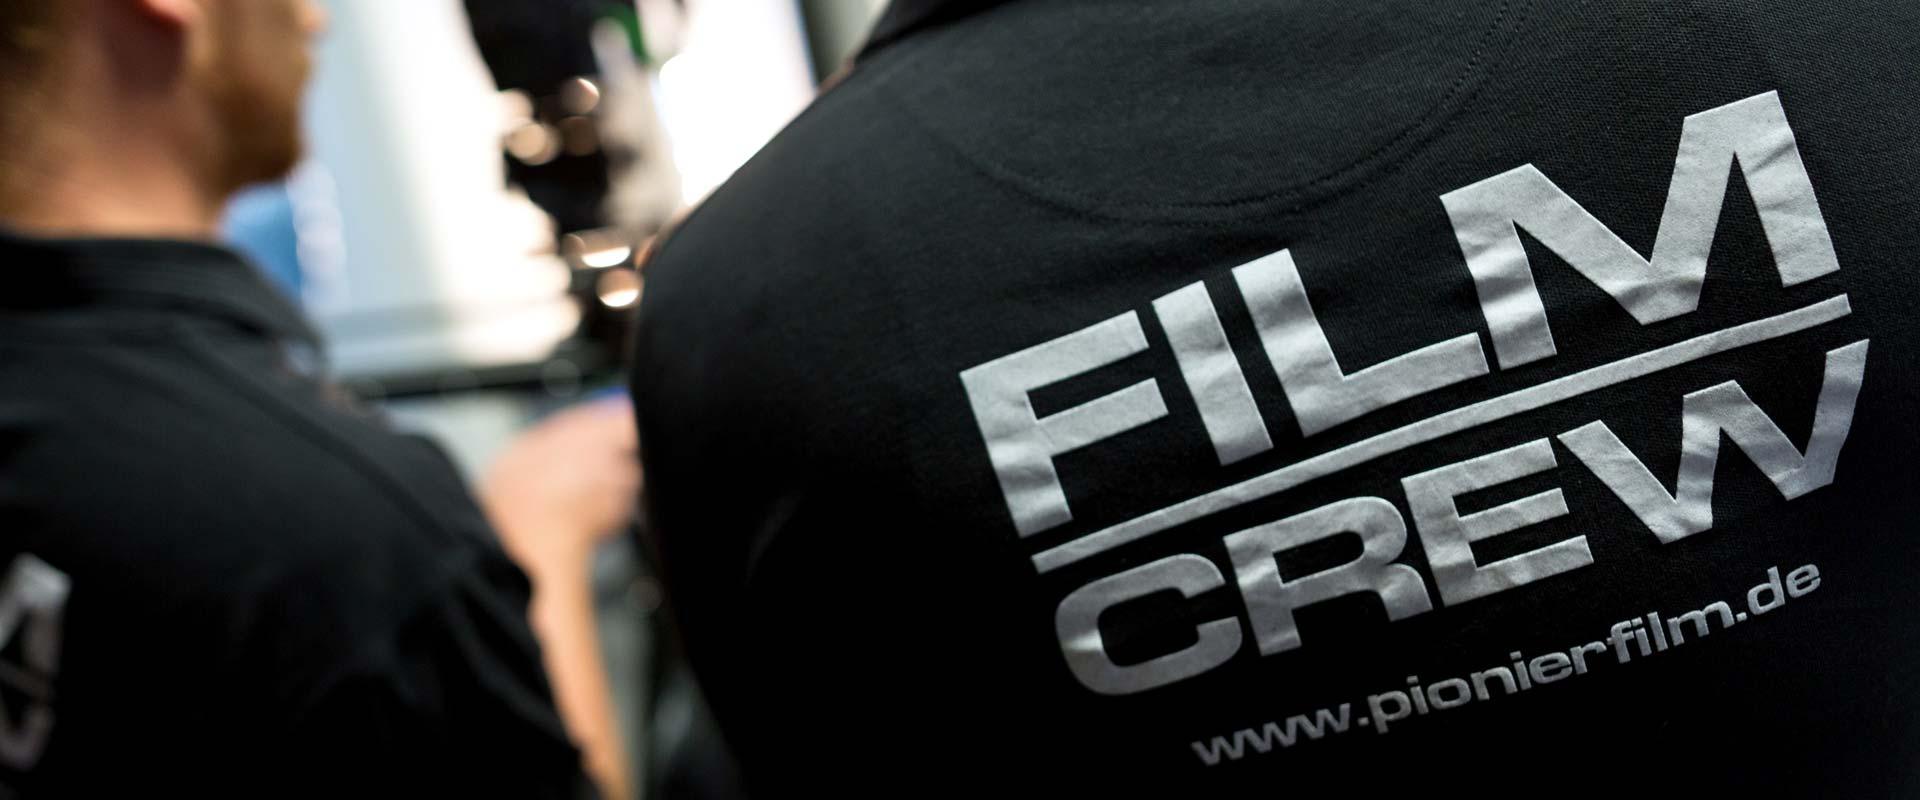 Die Pionierfilm GmbH ist Ihr professioneller Filmproduzent für Produktionen in Mannheim, Frankfurt, Heidelberg und den Rest der Bundesrepublik.